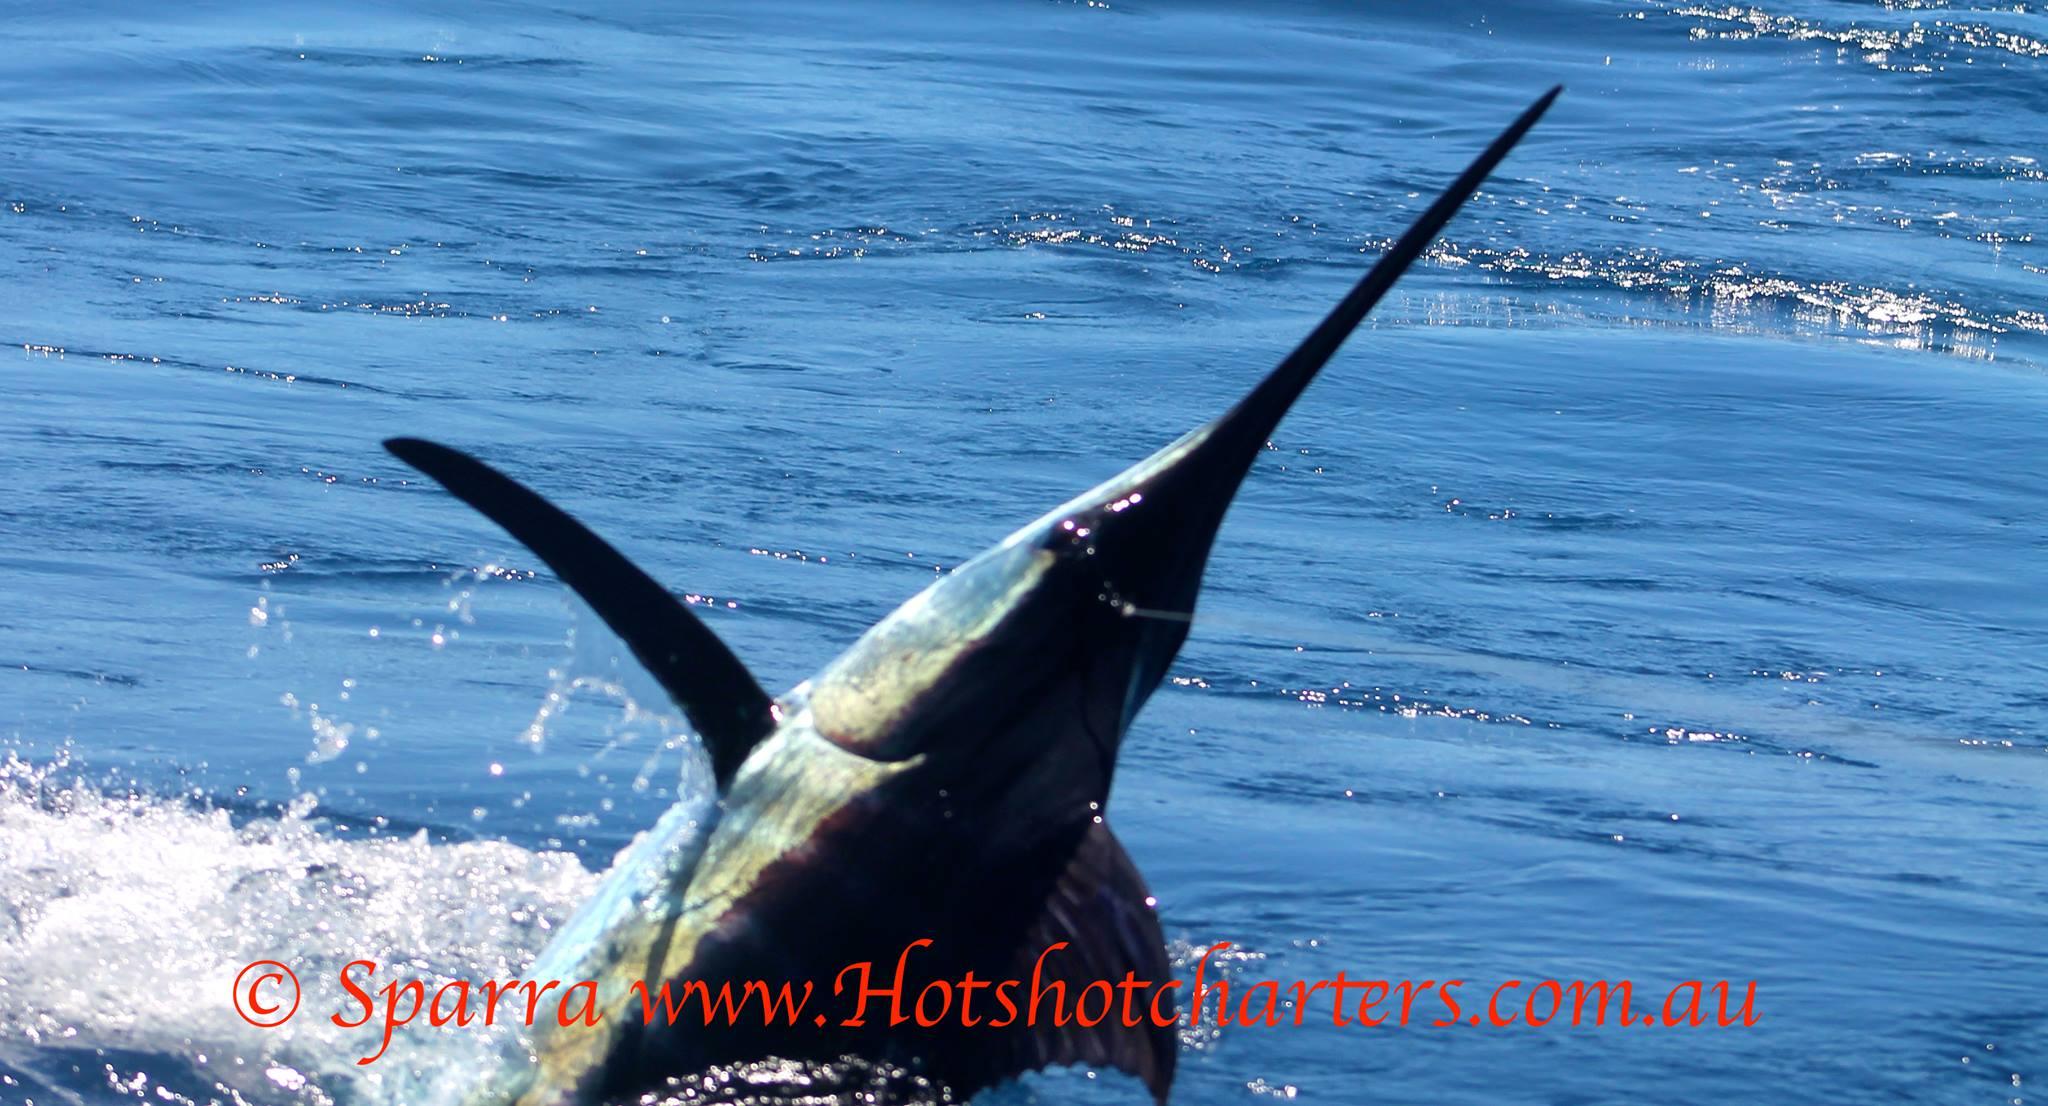 Gold coast marlin fishing report 26 feb hotshot charters for Marlin fishing charters